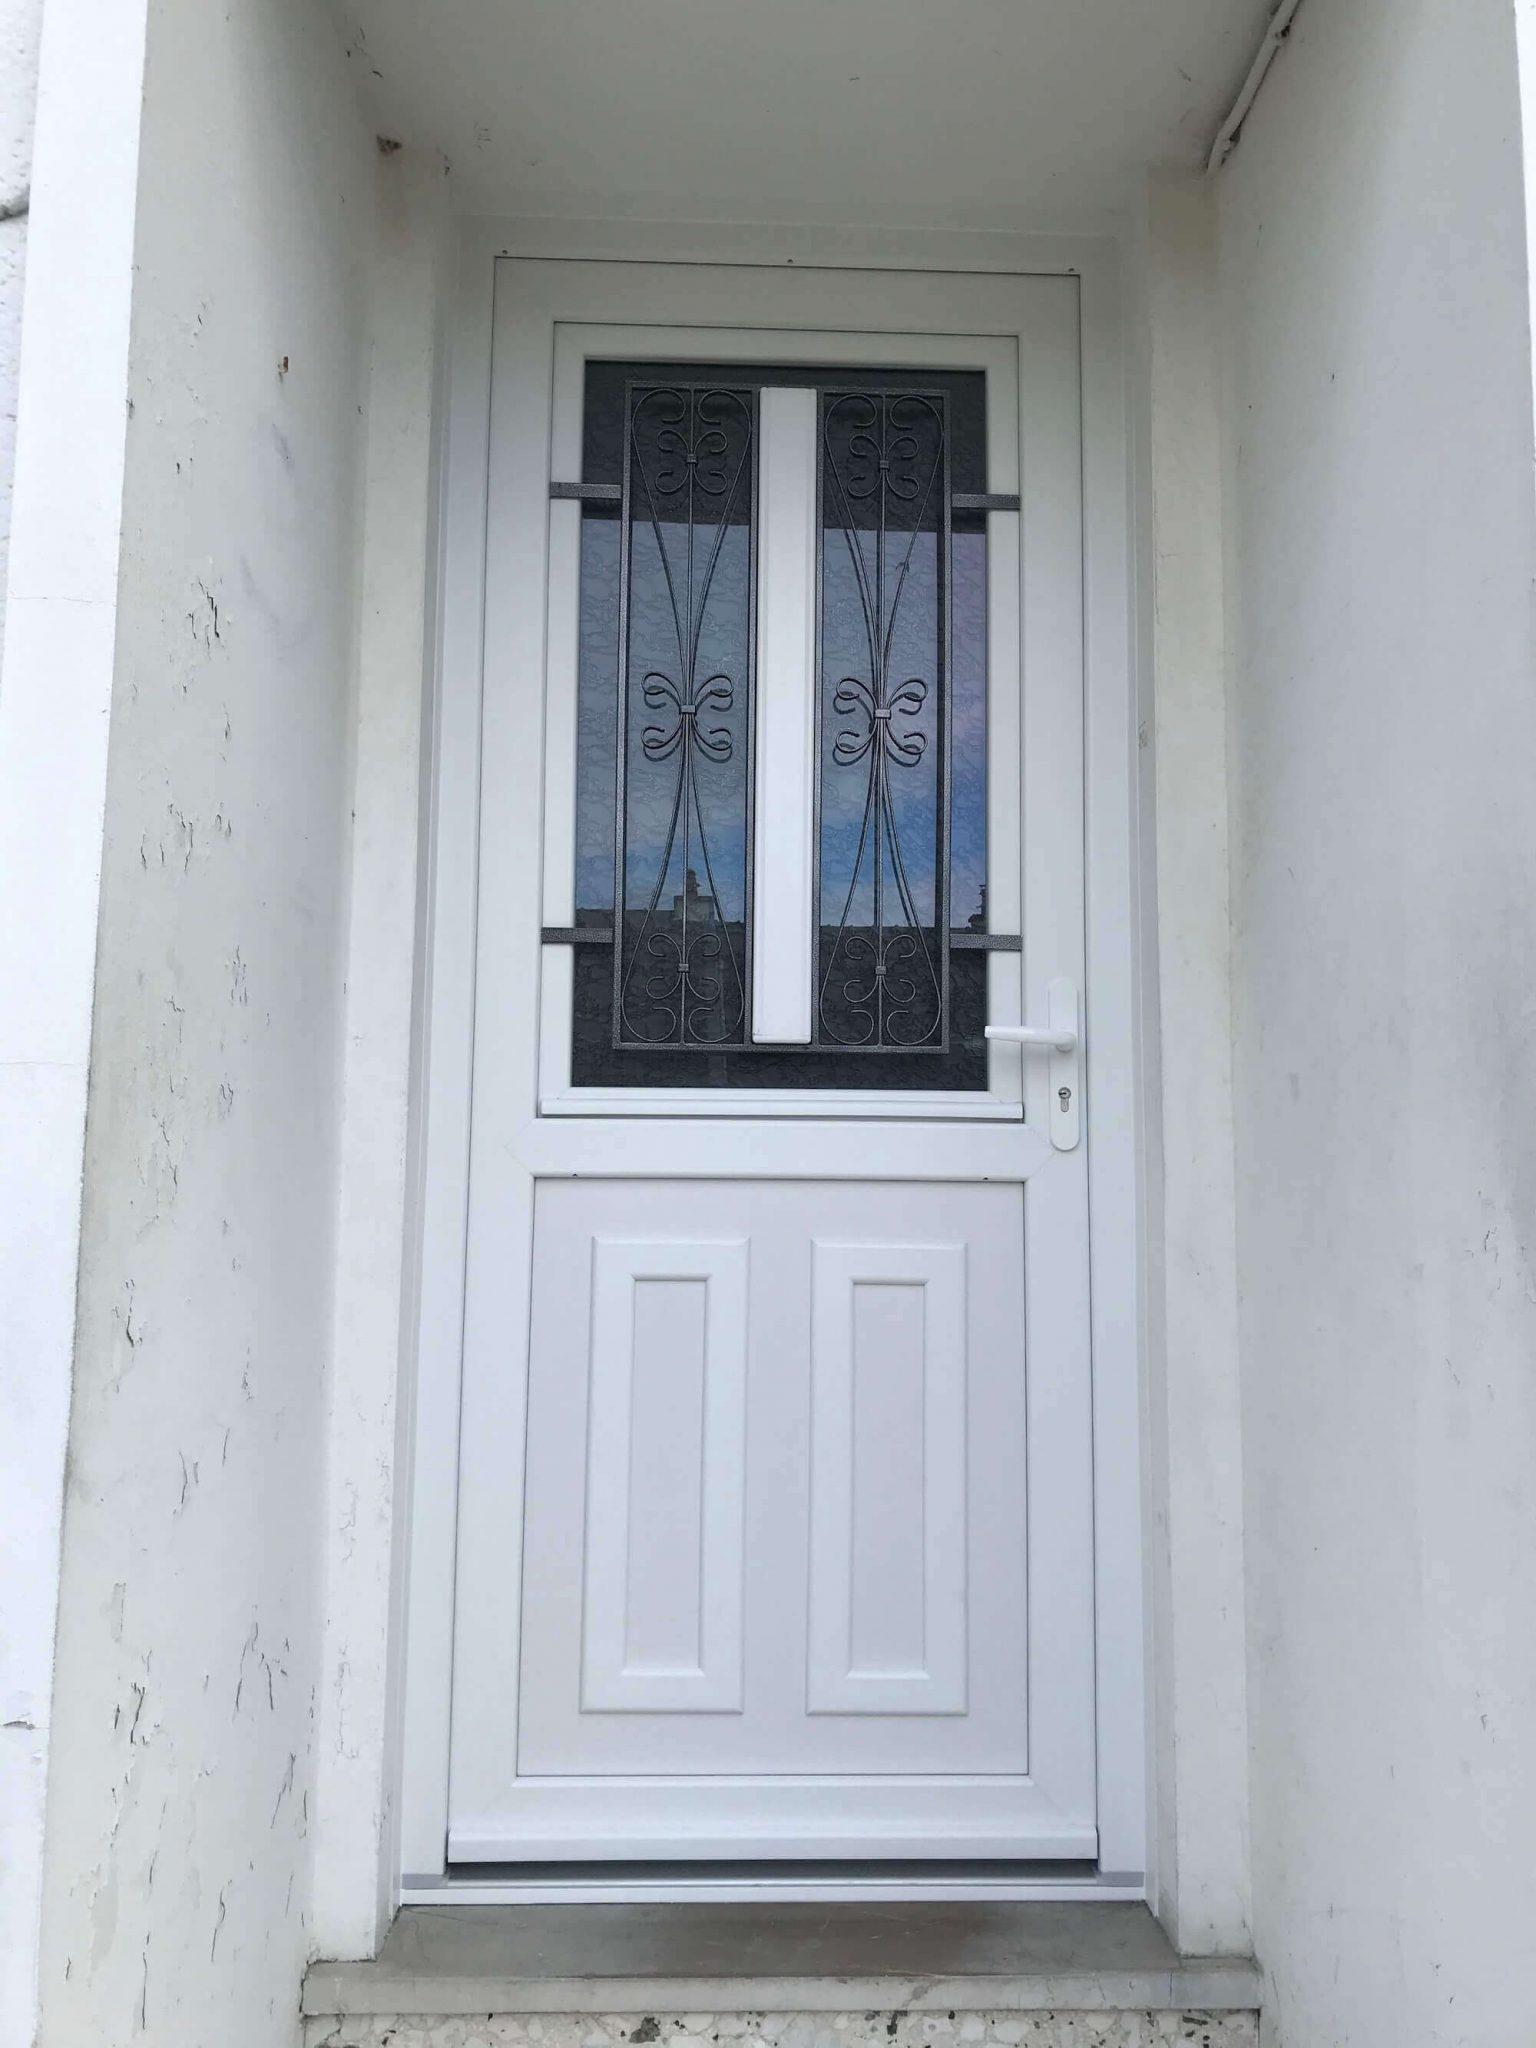 porte d'entrée hazebrouck, porte d'entrée pvc, porte d'entrée alu, porte d'entrée merville, porte d'entrée lille, porte d'entrée béthune, porte d'entrée lillers, porte d'entrée armentières, porte d'entrée bailleul